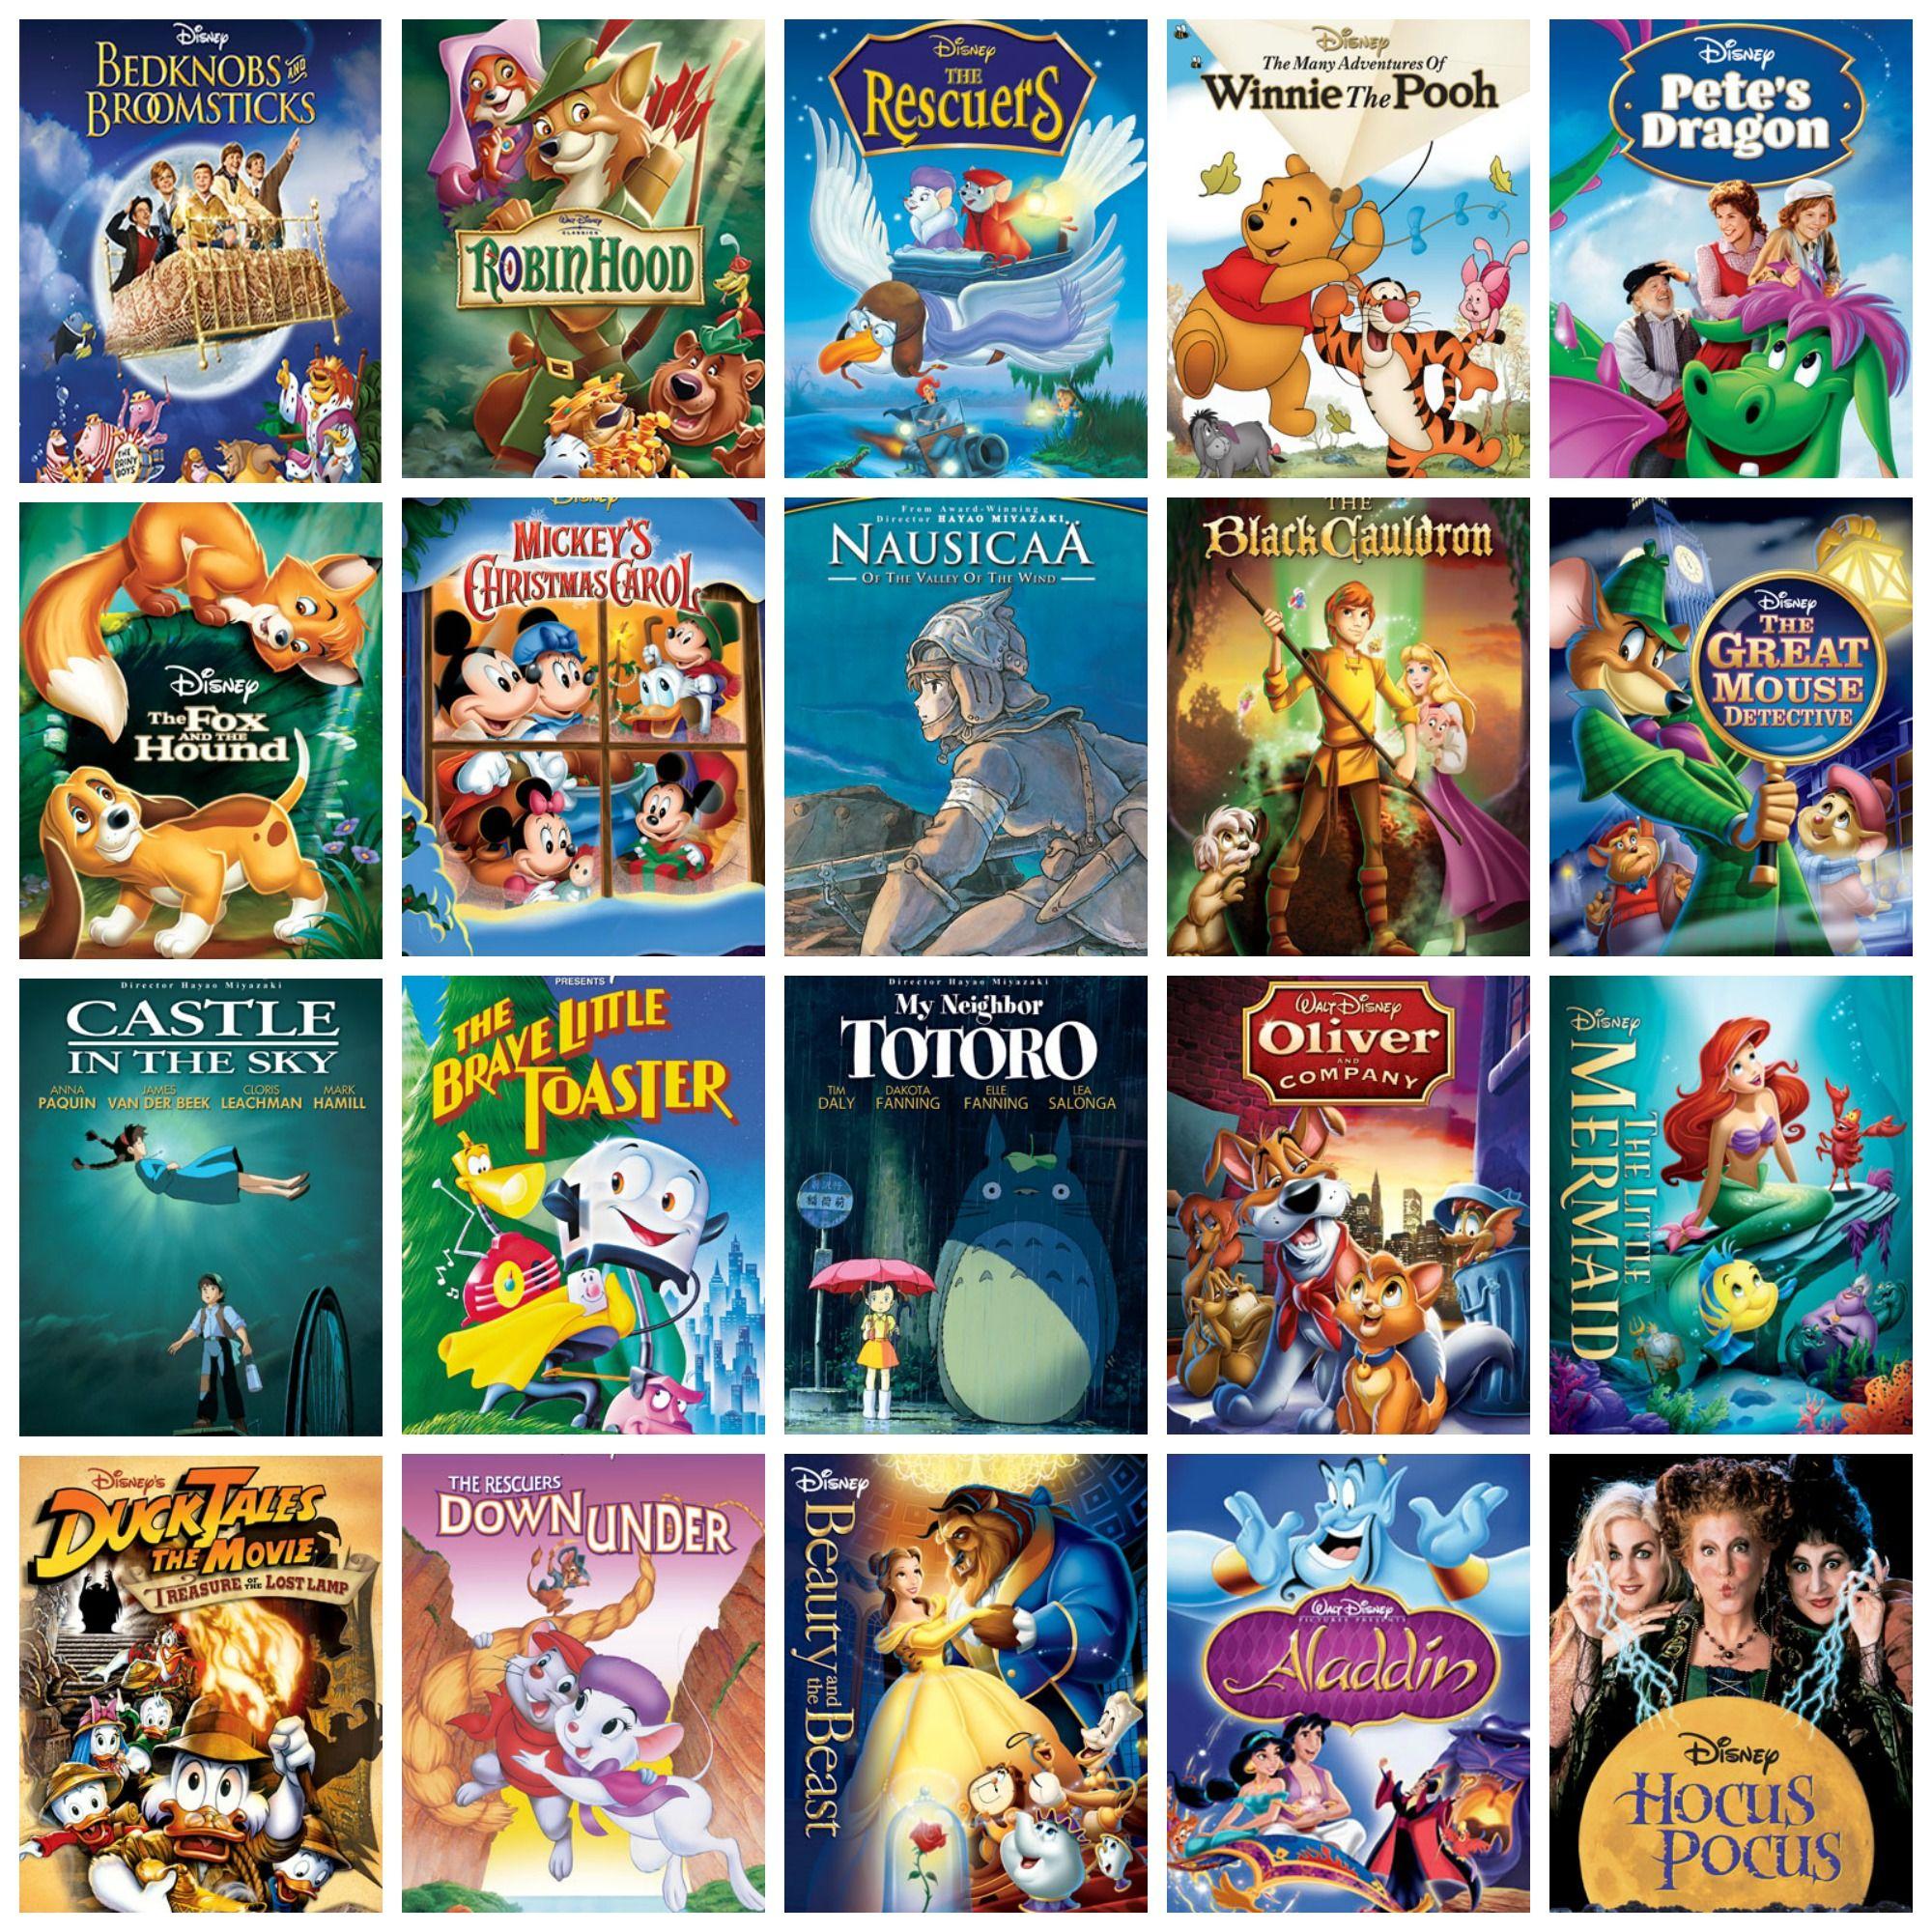 19711993 Disney movies in order of release. Disney